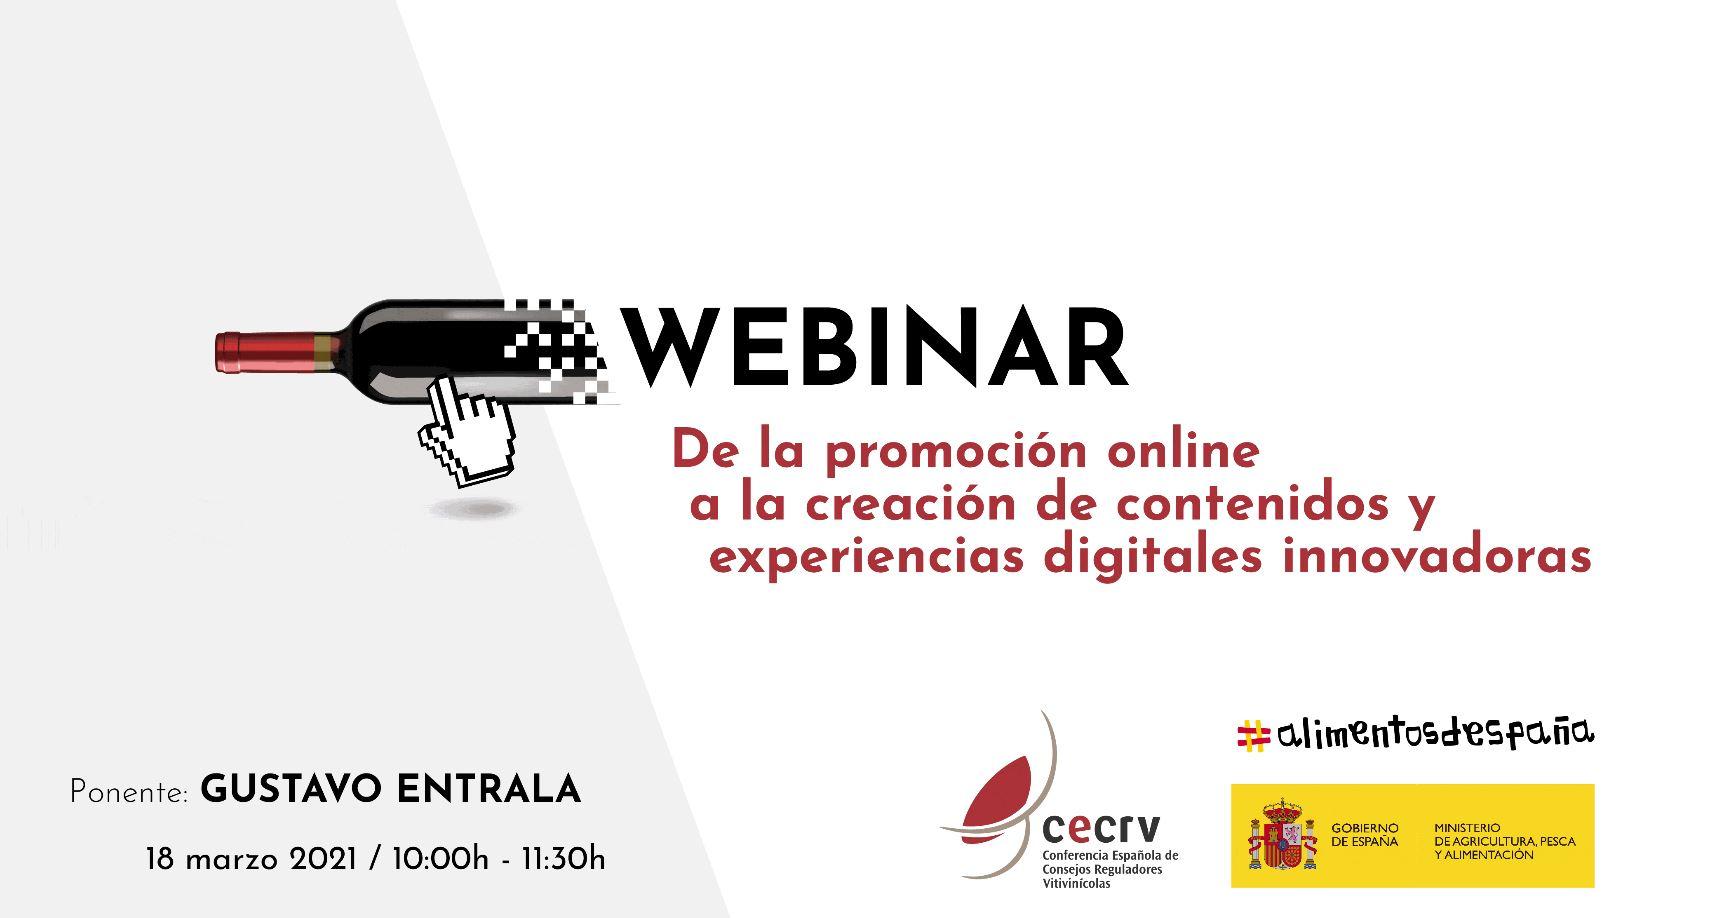 CECRV y el Ministerio de Agricultura, Pesca y Alimentación organizan un seminario web para impulsar la creatividad on line